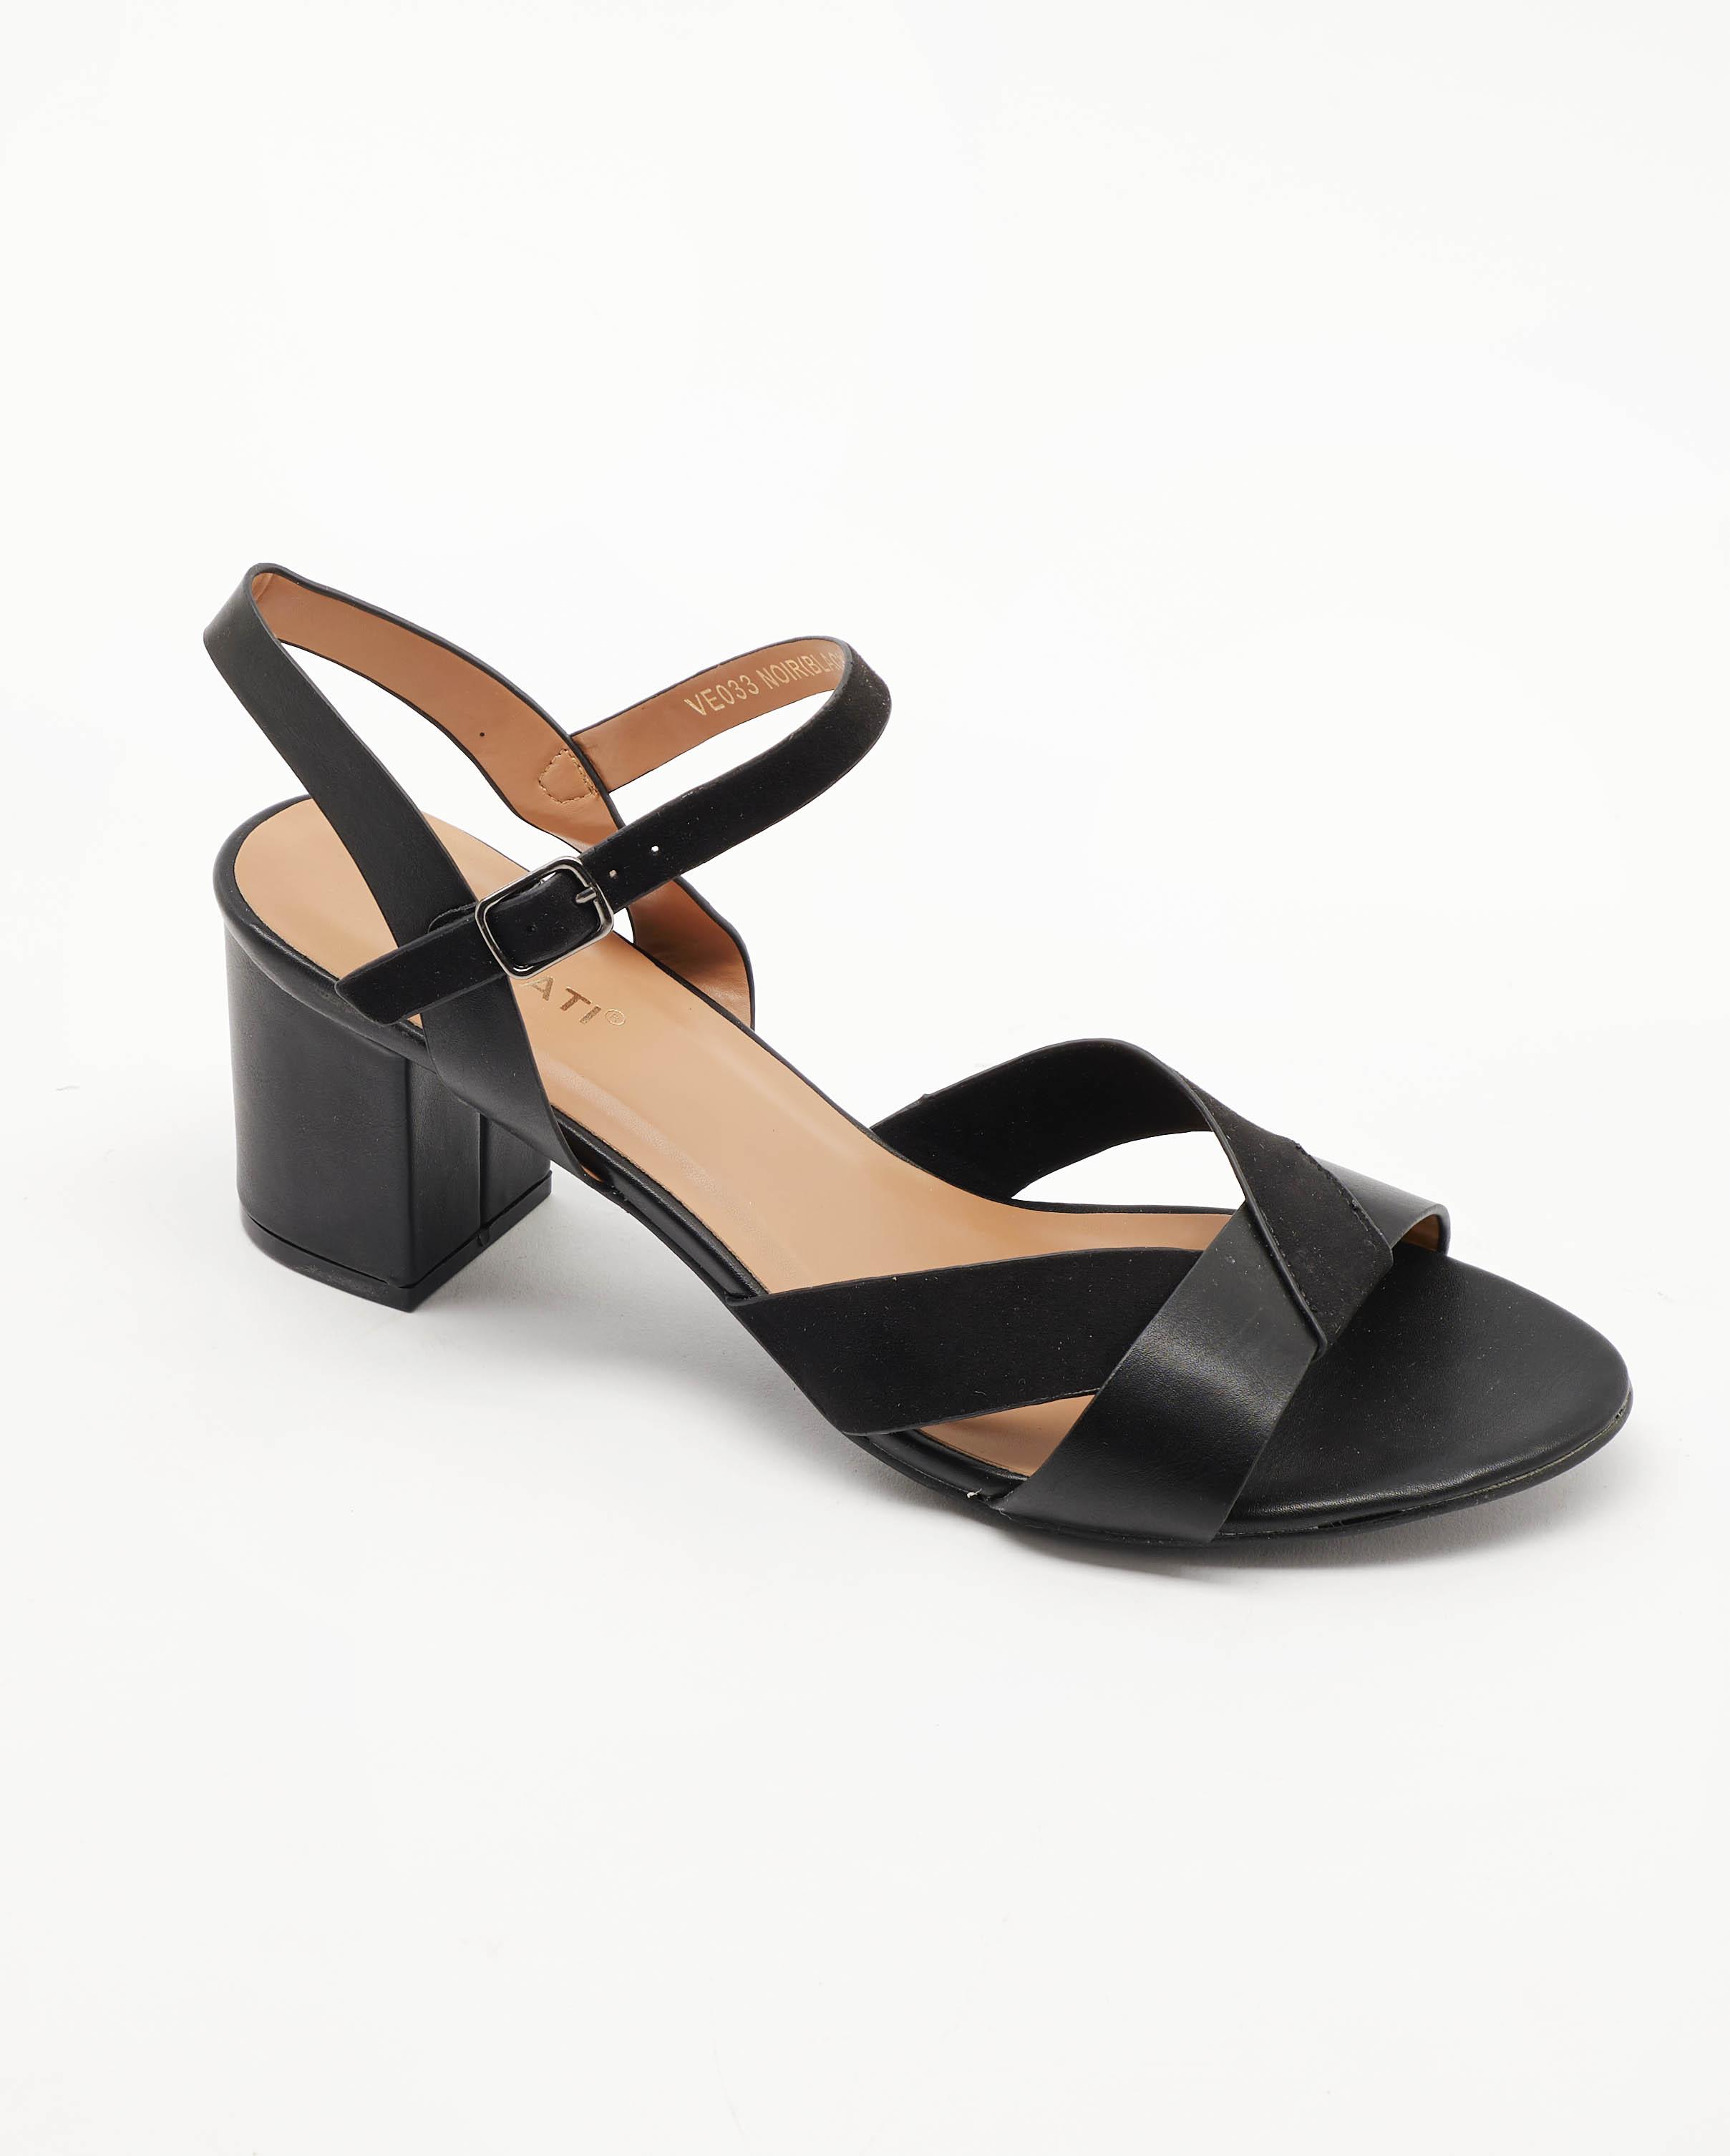 Sandales À Talons Femme - Sandale Talon Decrochee Noir Jina - Ve017